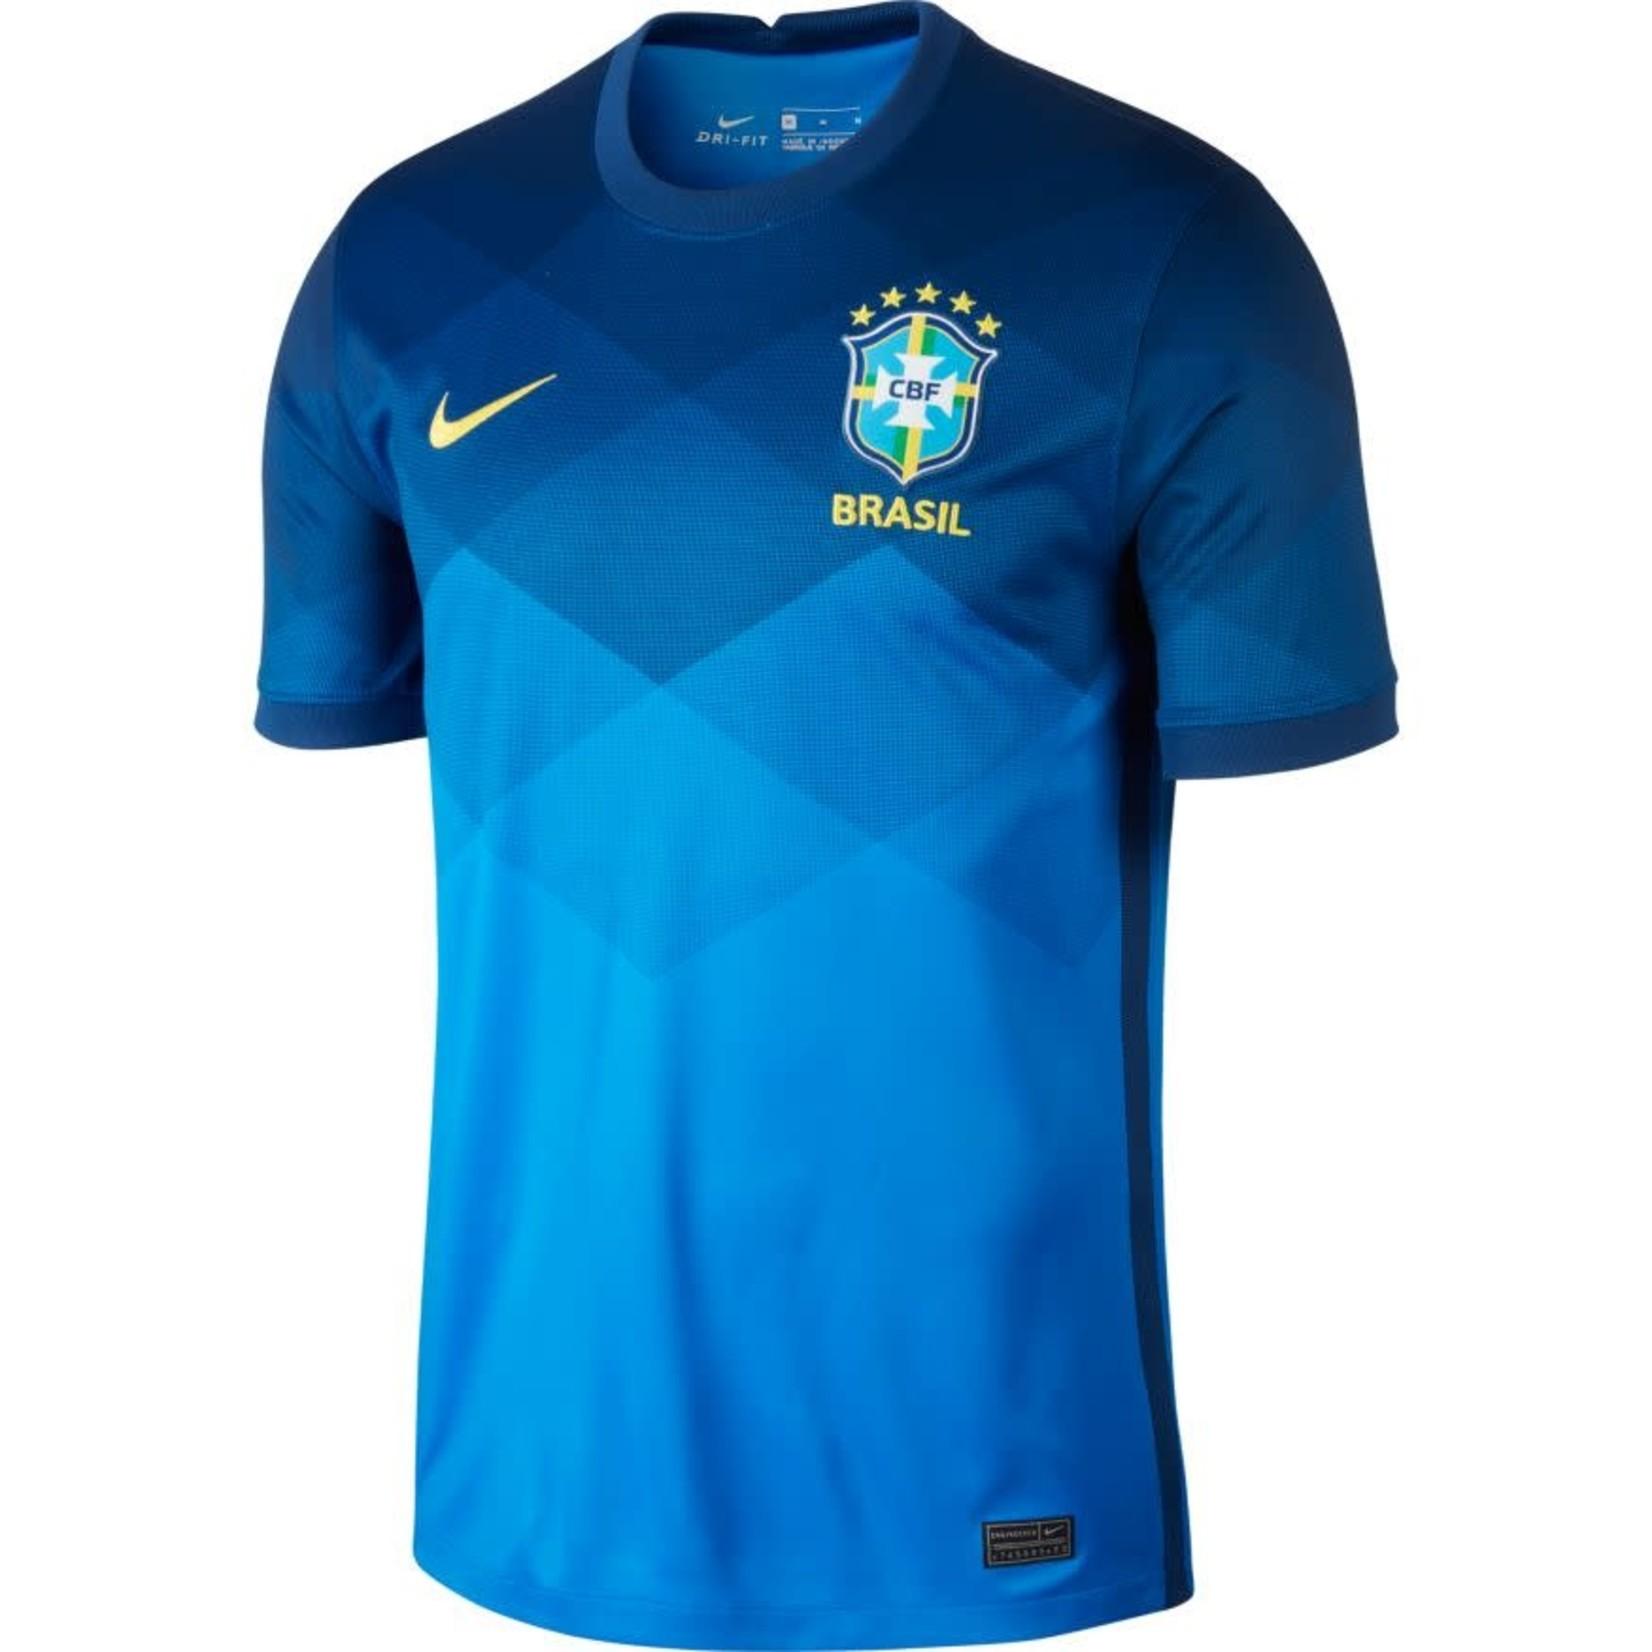 NIKE BRASIL 2020 AWAY JERSEY (BLUE/YELLOW)